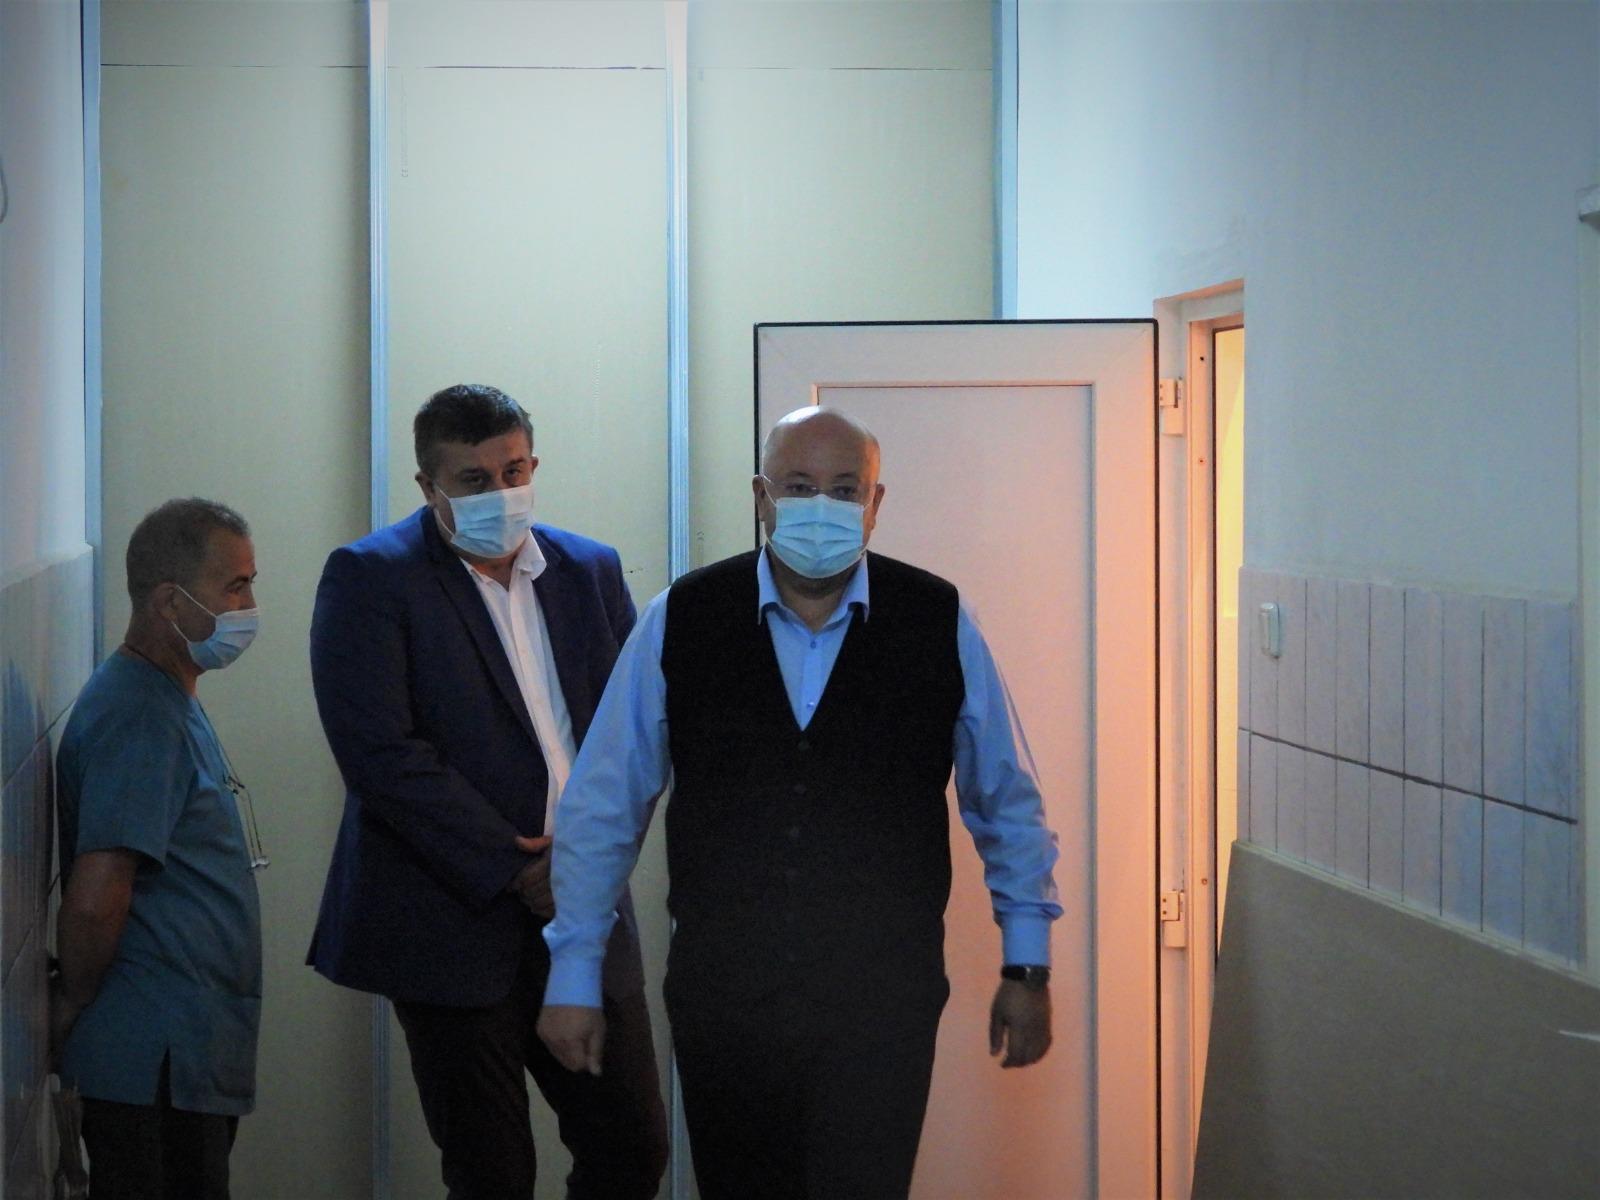 S-a dat ordinul de începere a lucrărilor de reabilitare a ambulatoriului Secției Oncologie